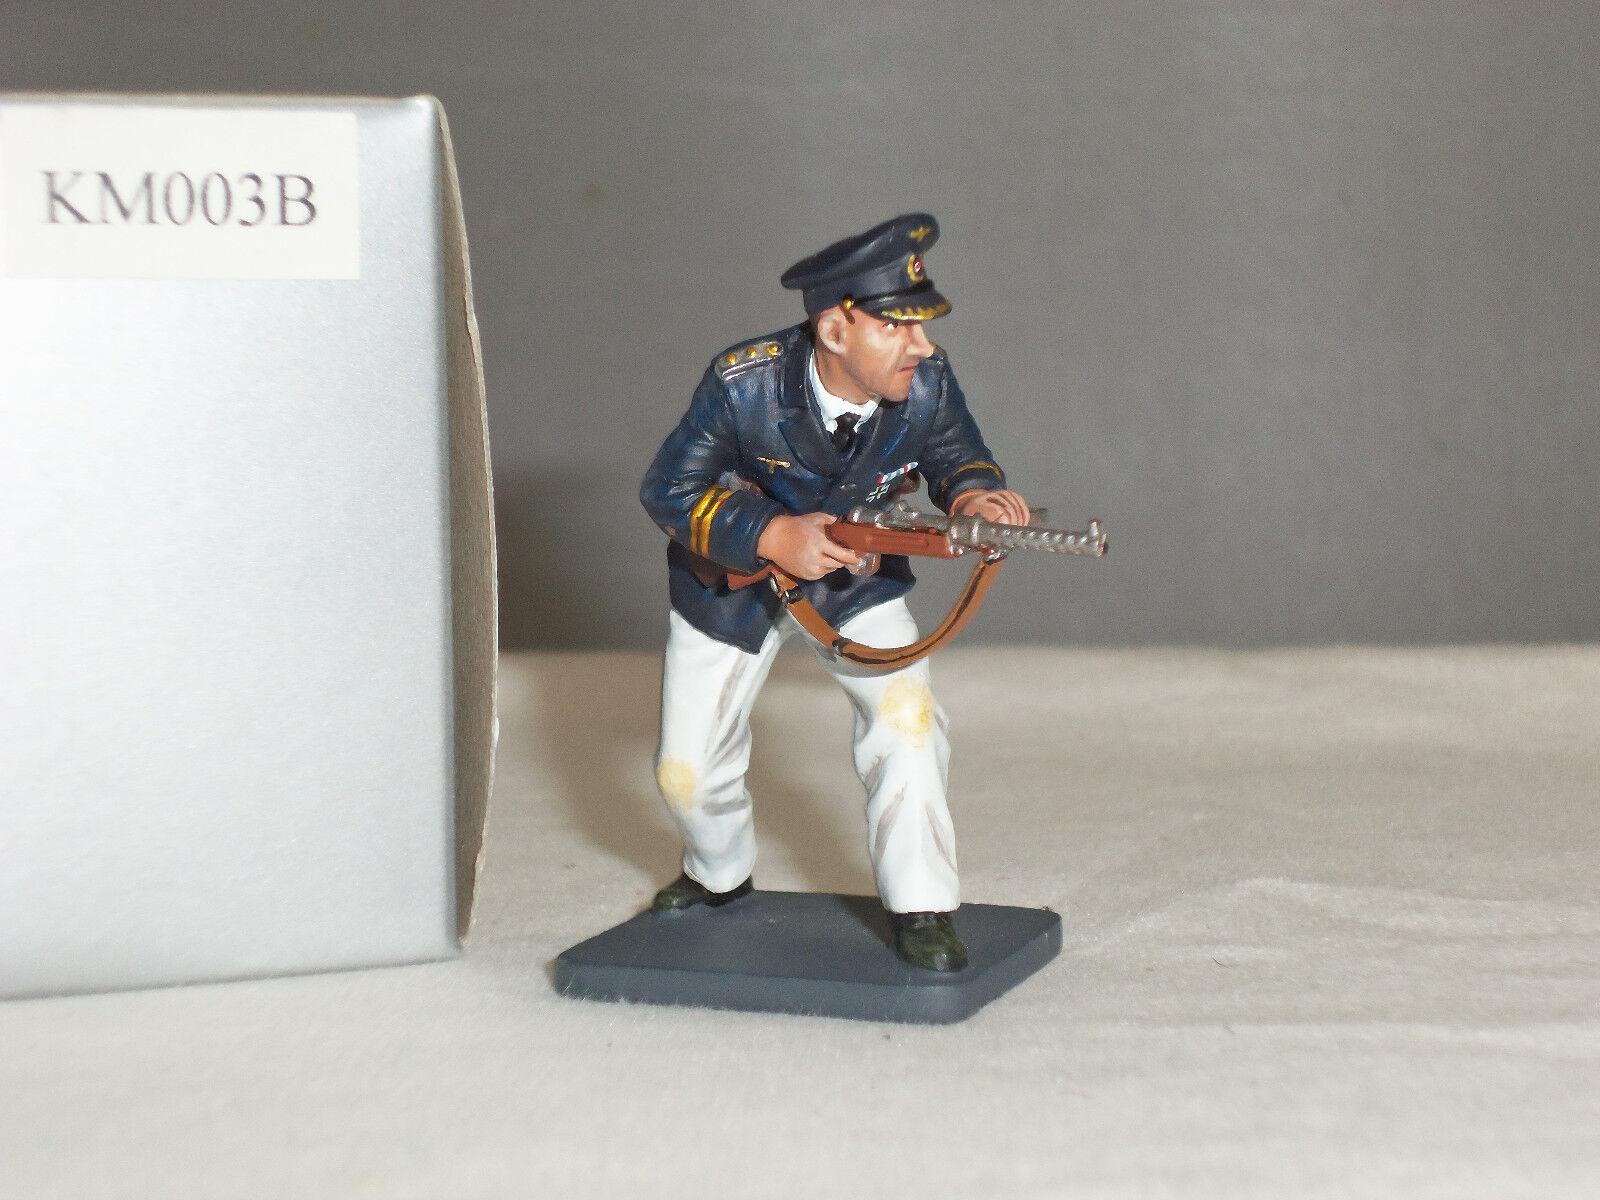 THOMAS GUNN KM003B GERMAN KRIEGSMARINE SAILOR OFFICER WITH GUN TOY SOLDIER